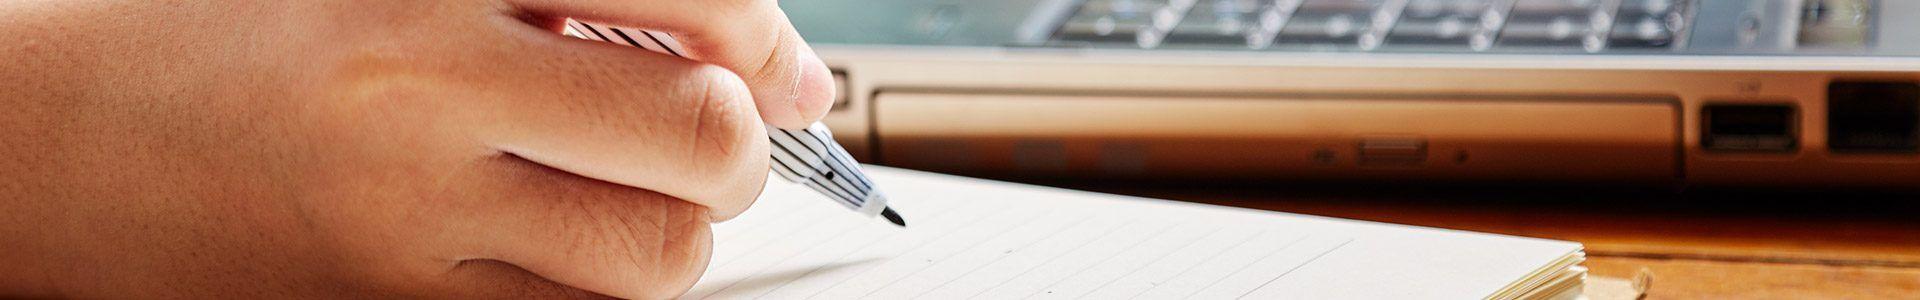 47 tips voor storytelling met digital marketing